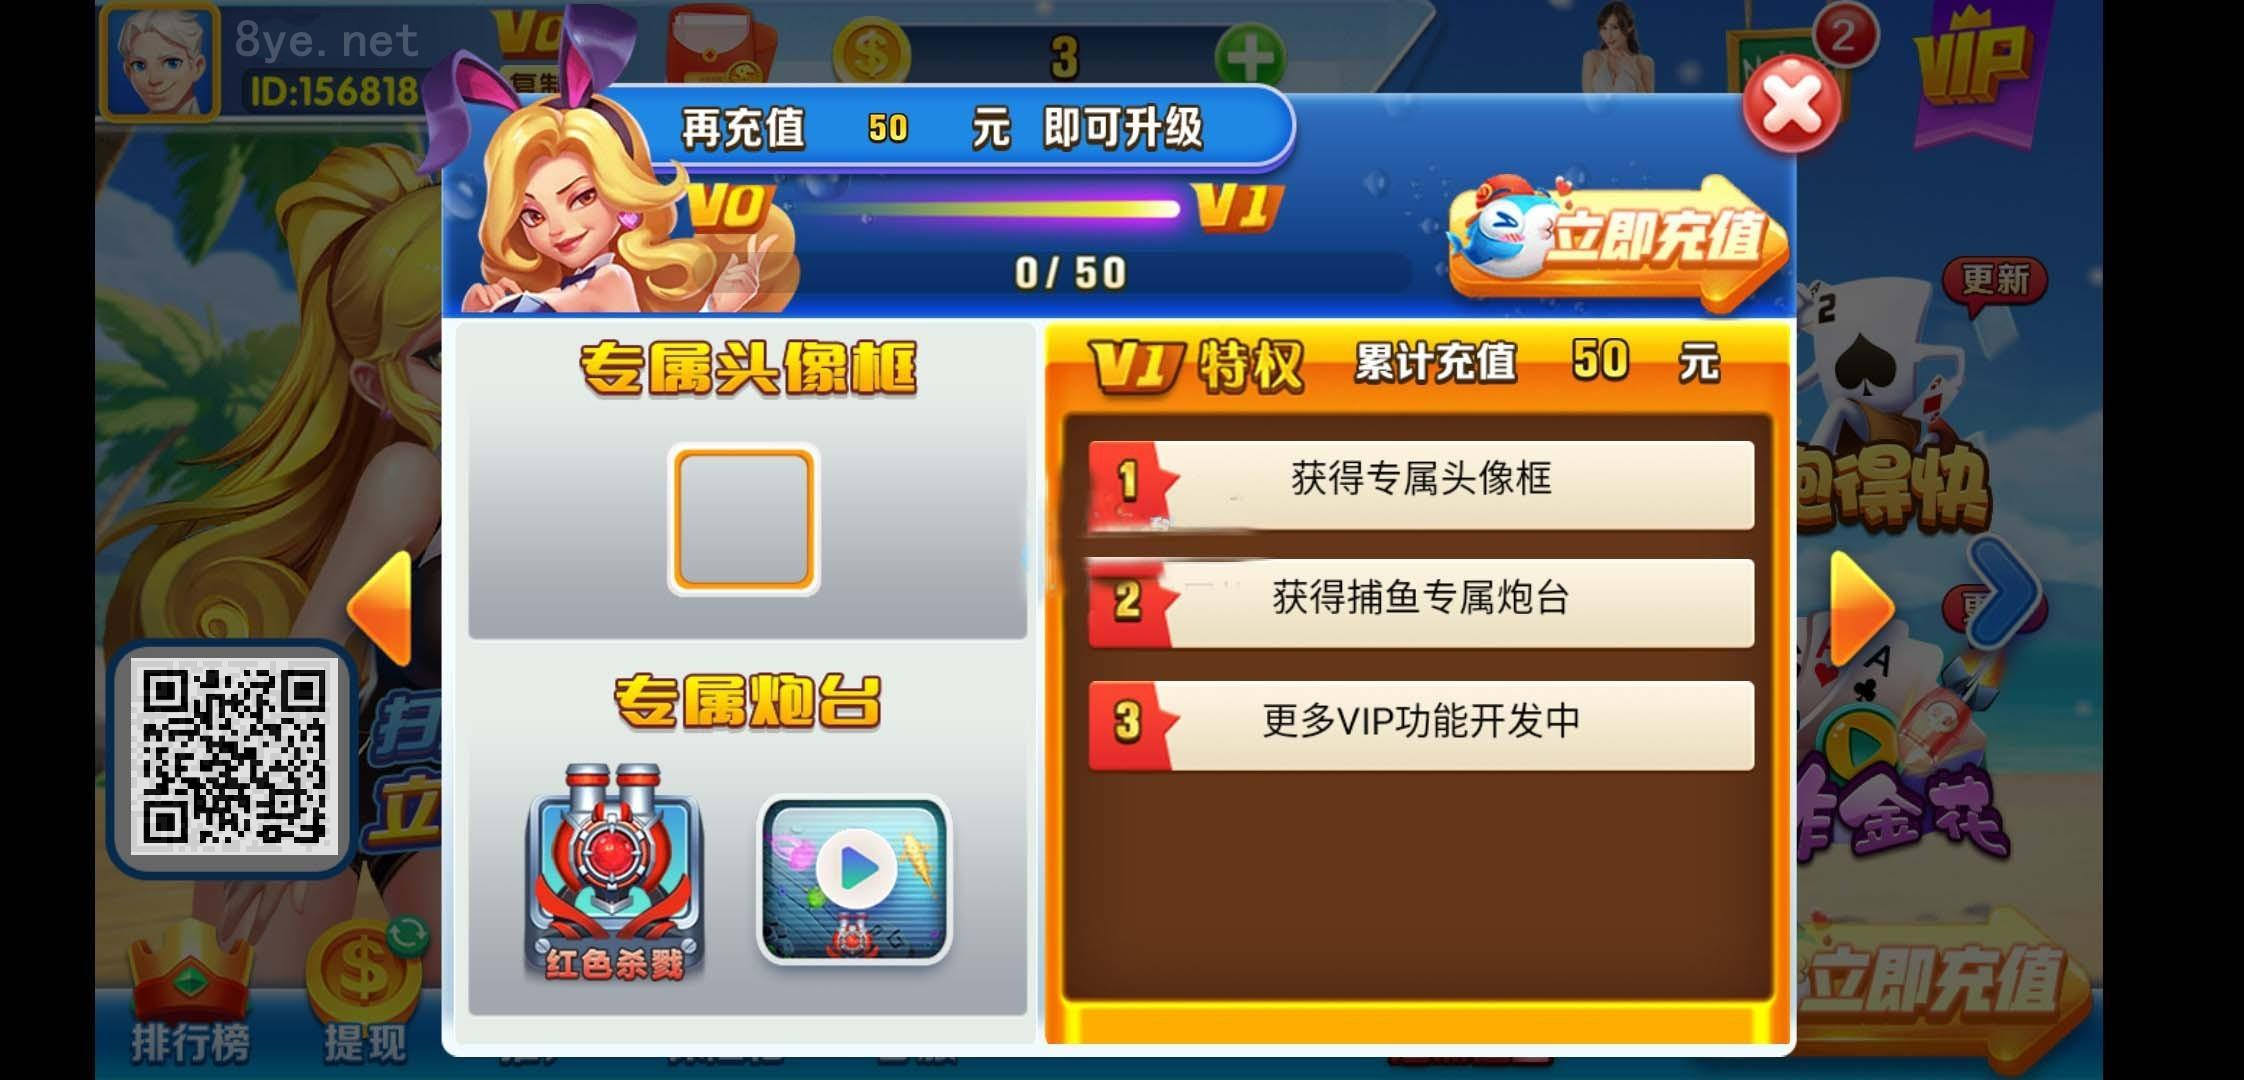 波波娱乐棋牌源码插图(4)